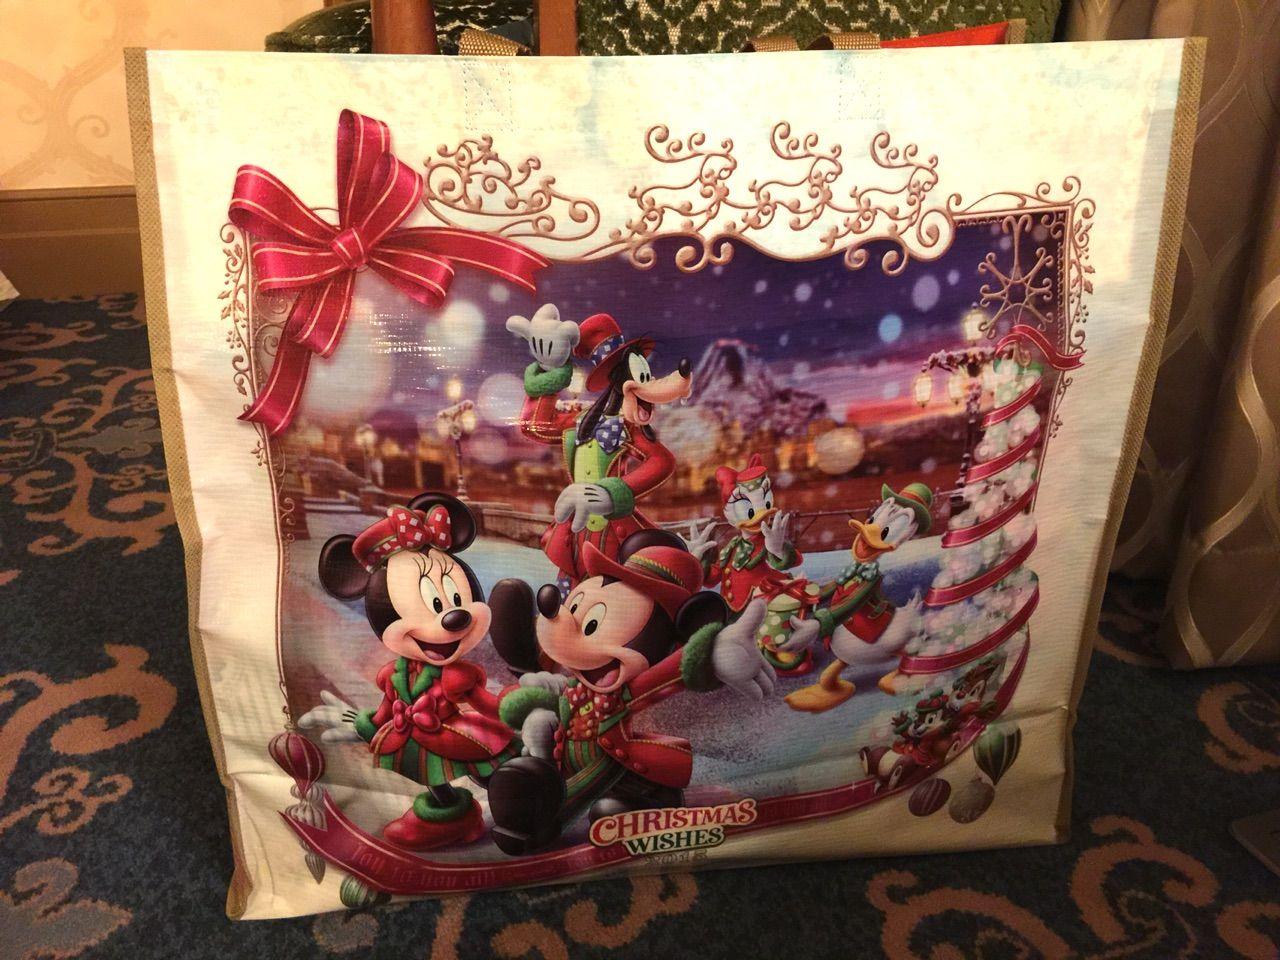 クリスマスインで買ったショッピングバッグ : コイケの(お泊まり